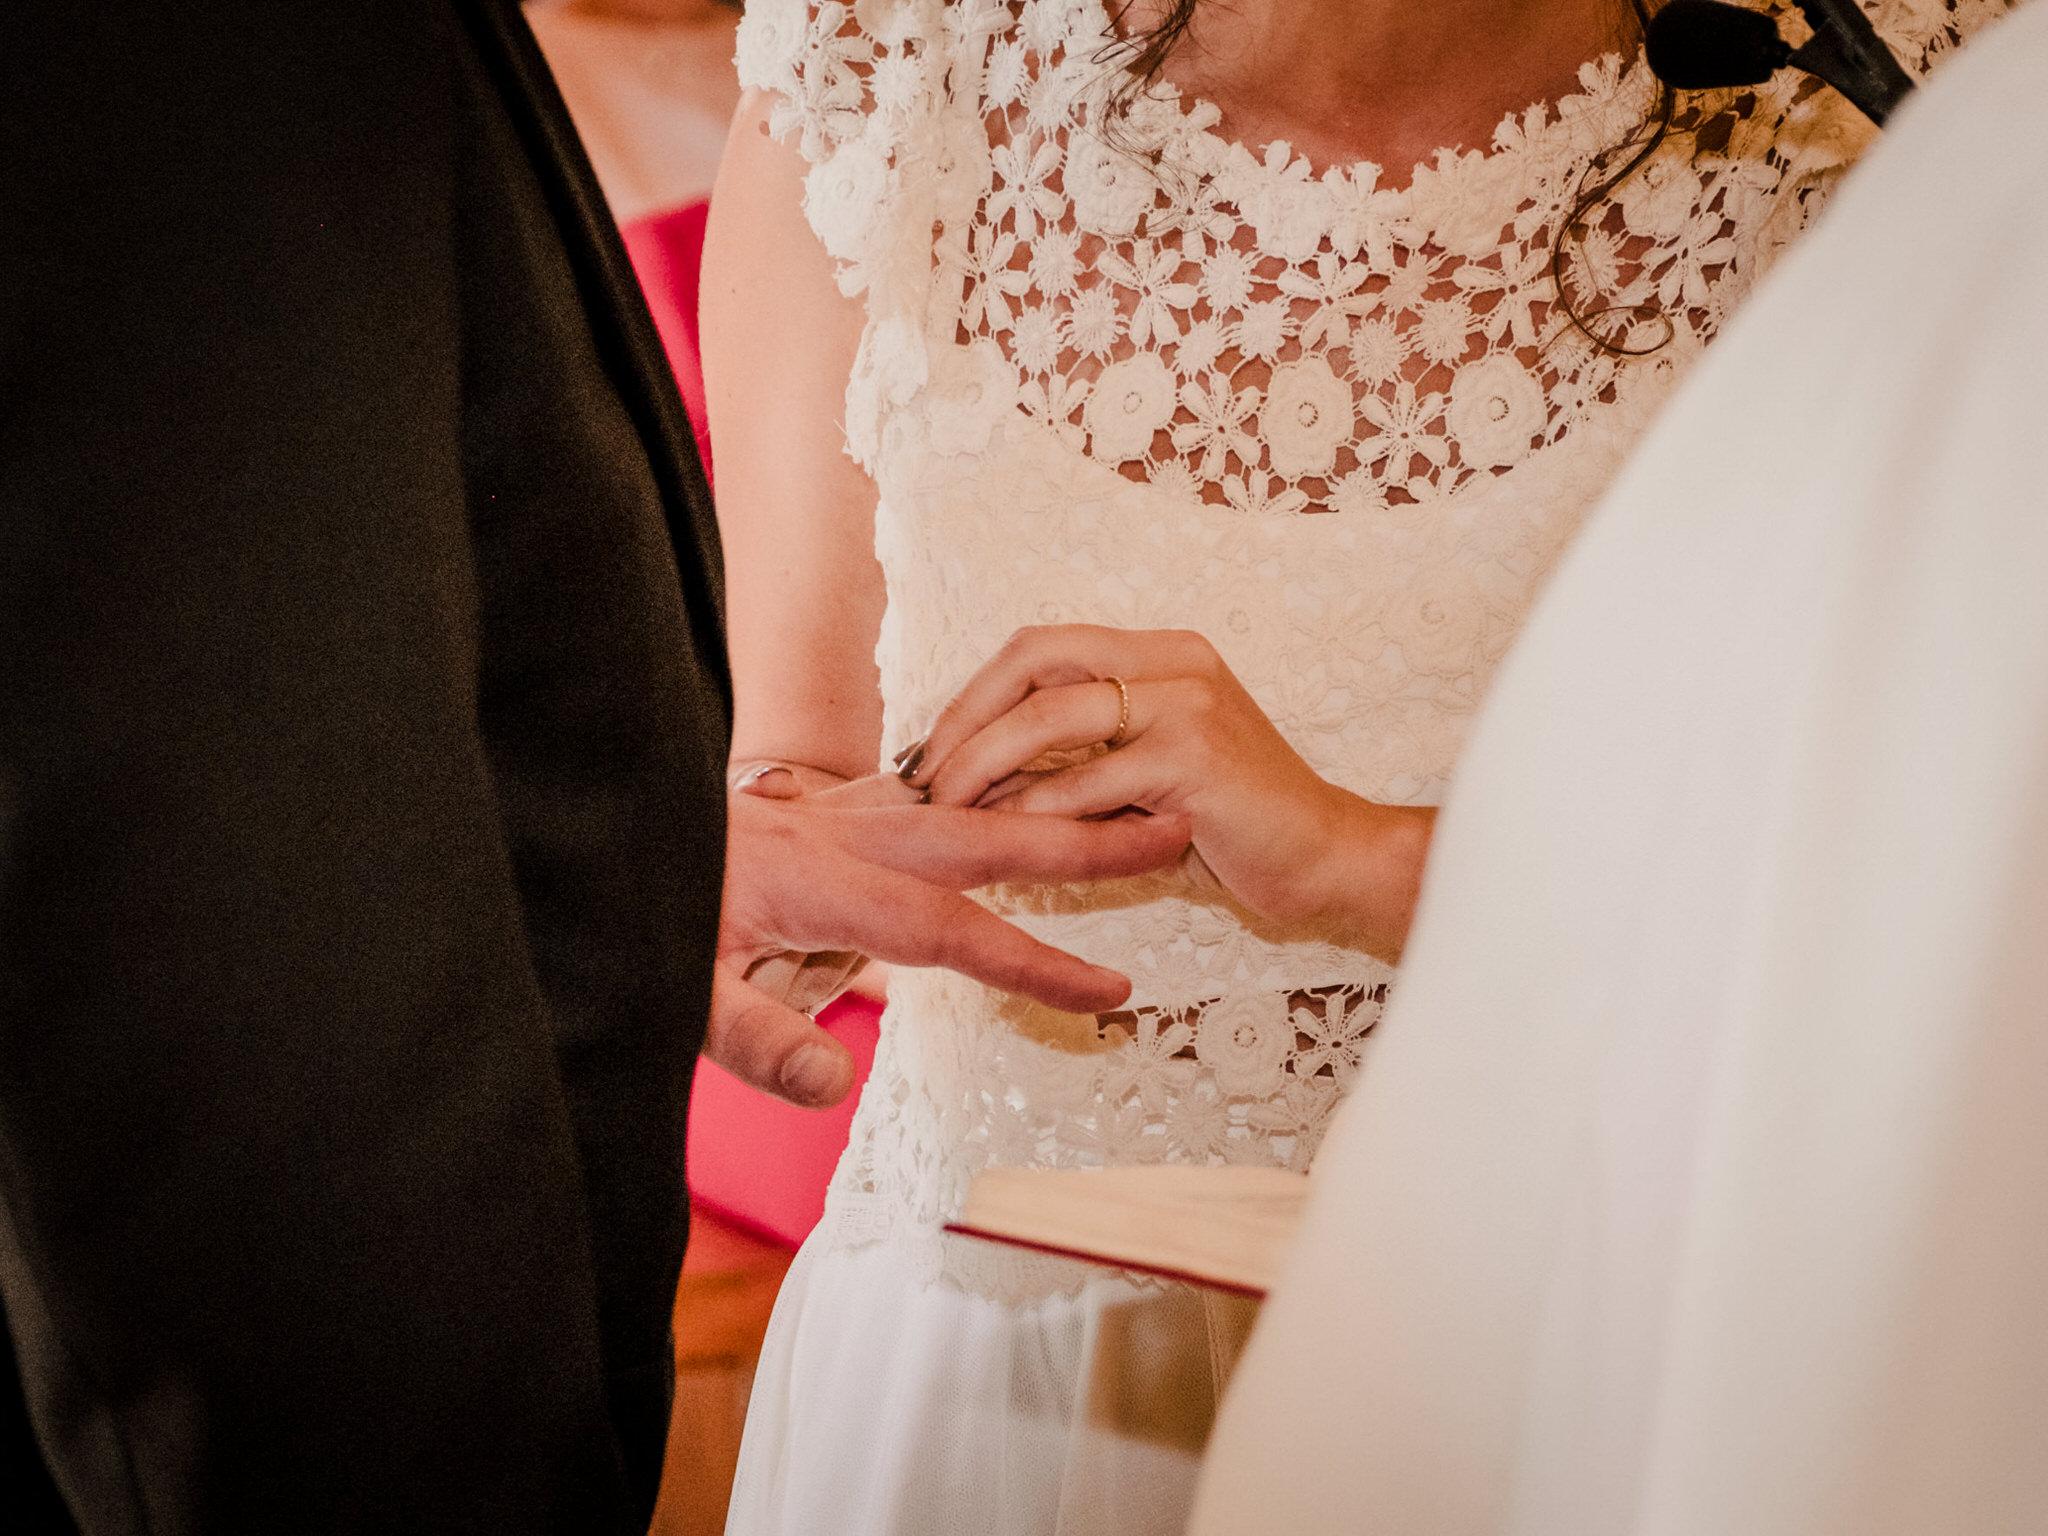 puesta-anillos-boda